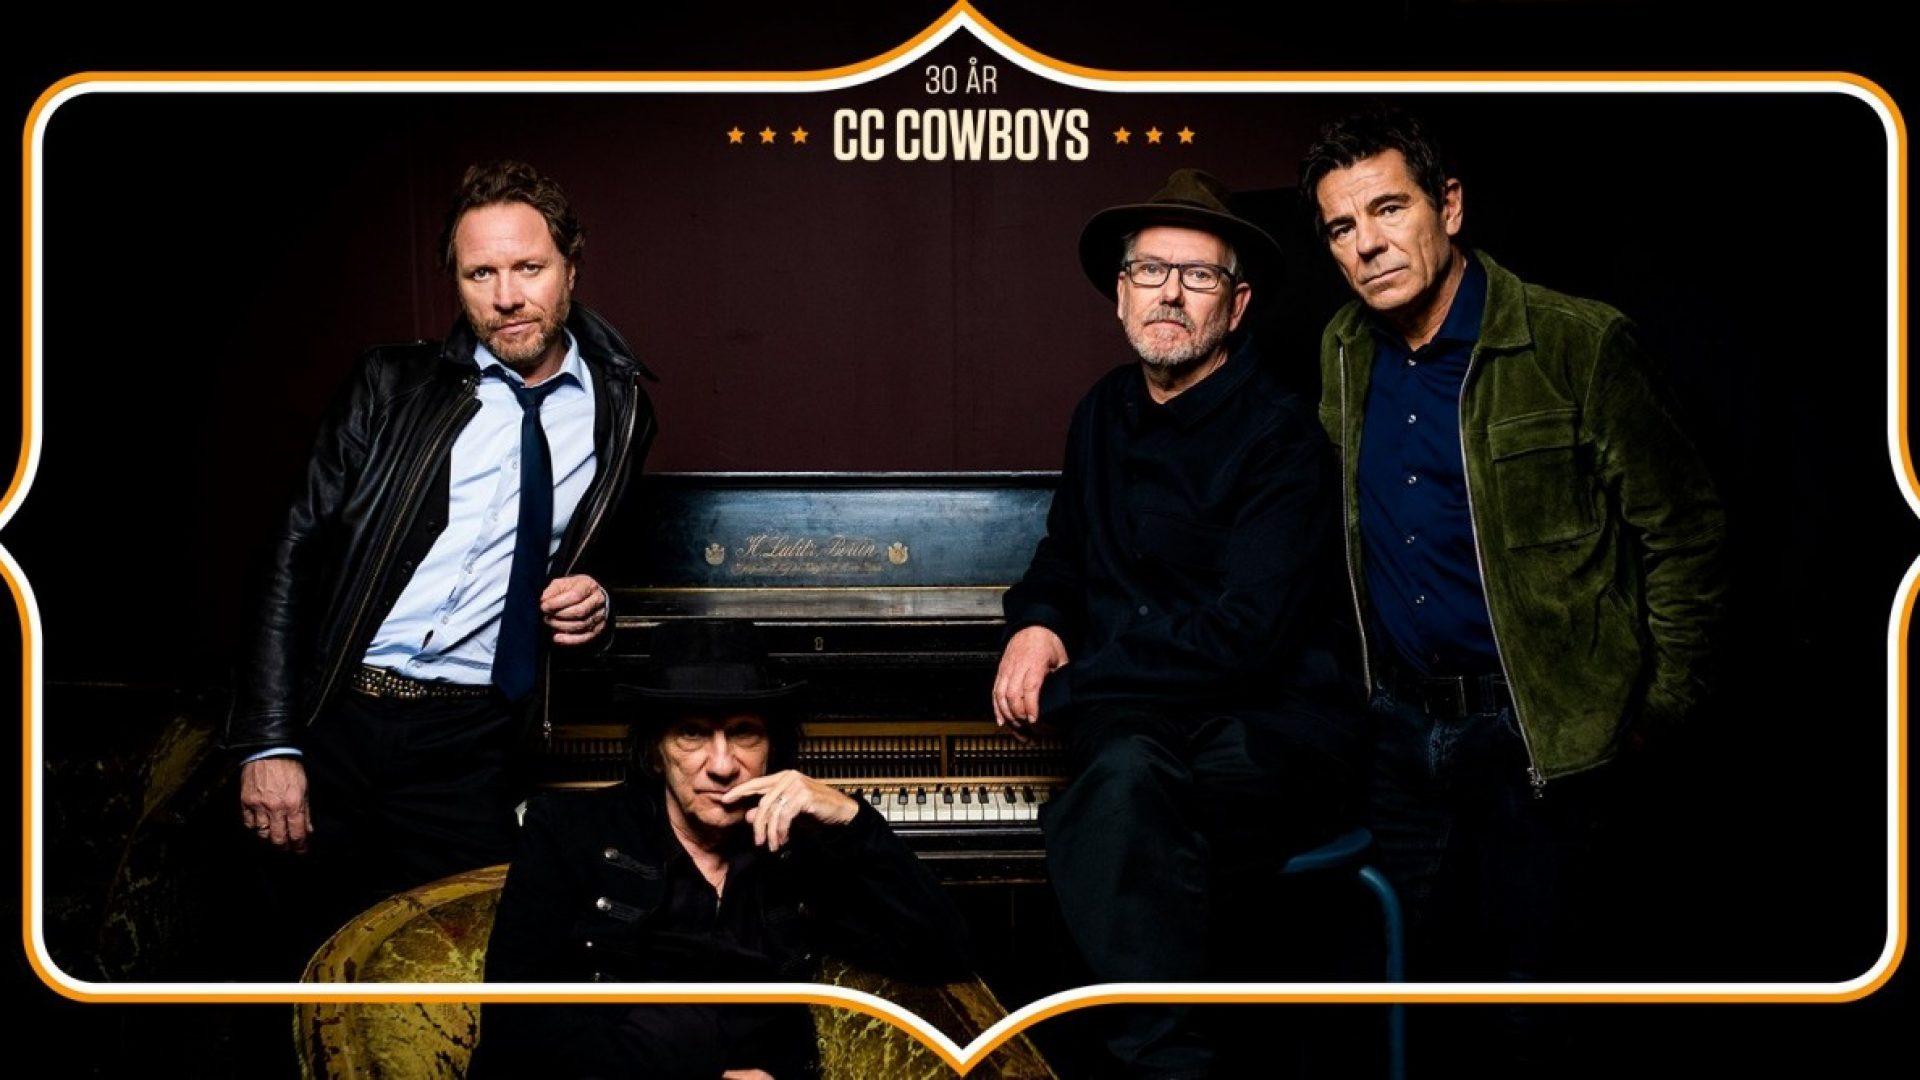 CC Cowboys reklameplakat